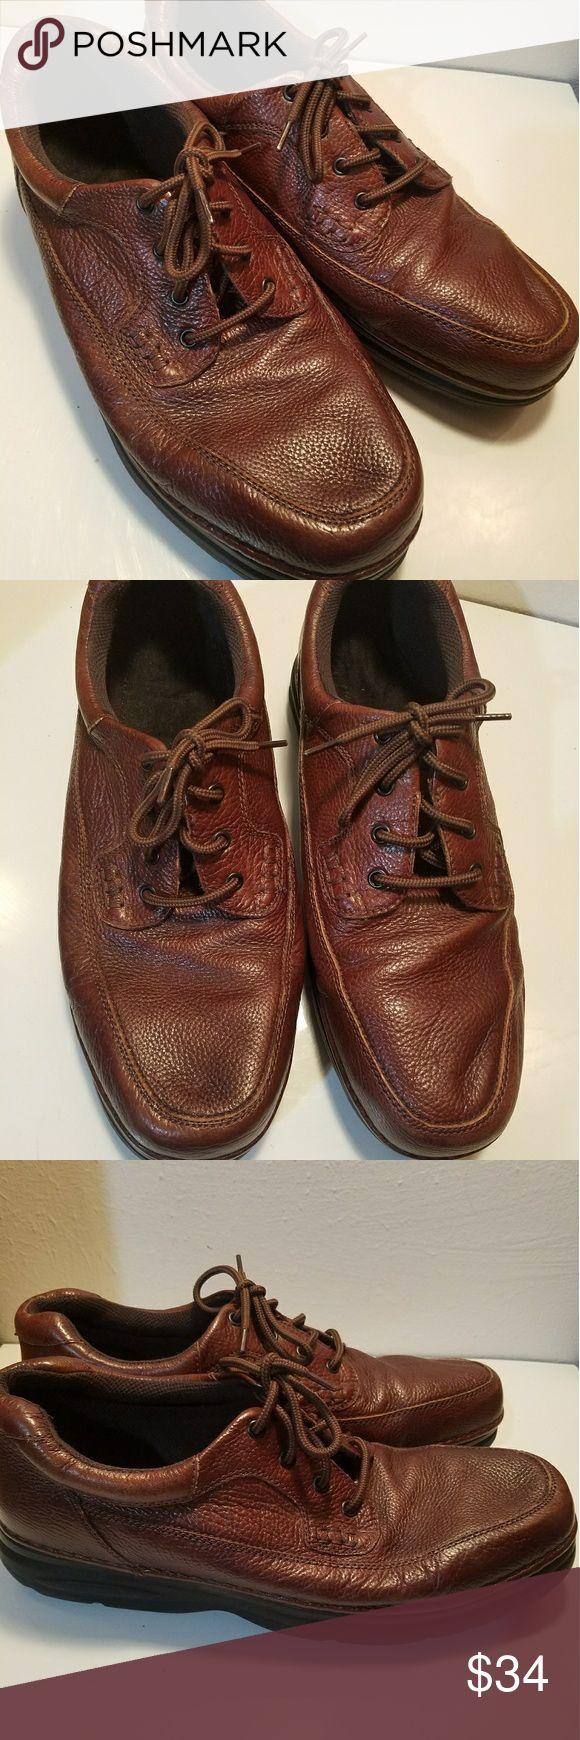 Nunn Bush Comfort Gel Leather Men's Shoes Soft Comfort Gel Leather Men's Shoes by Nunn Bush. Size 15M. Excellent Condition Nunn Bush Shoes Oxfords & Derbys